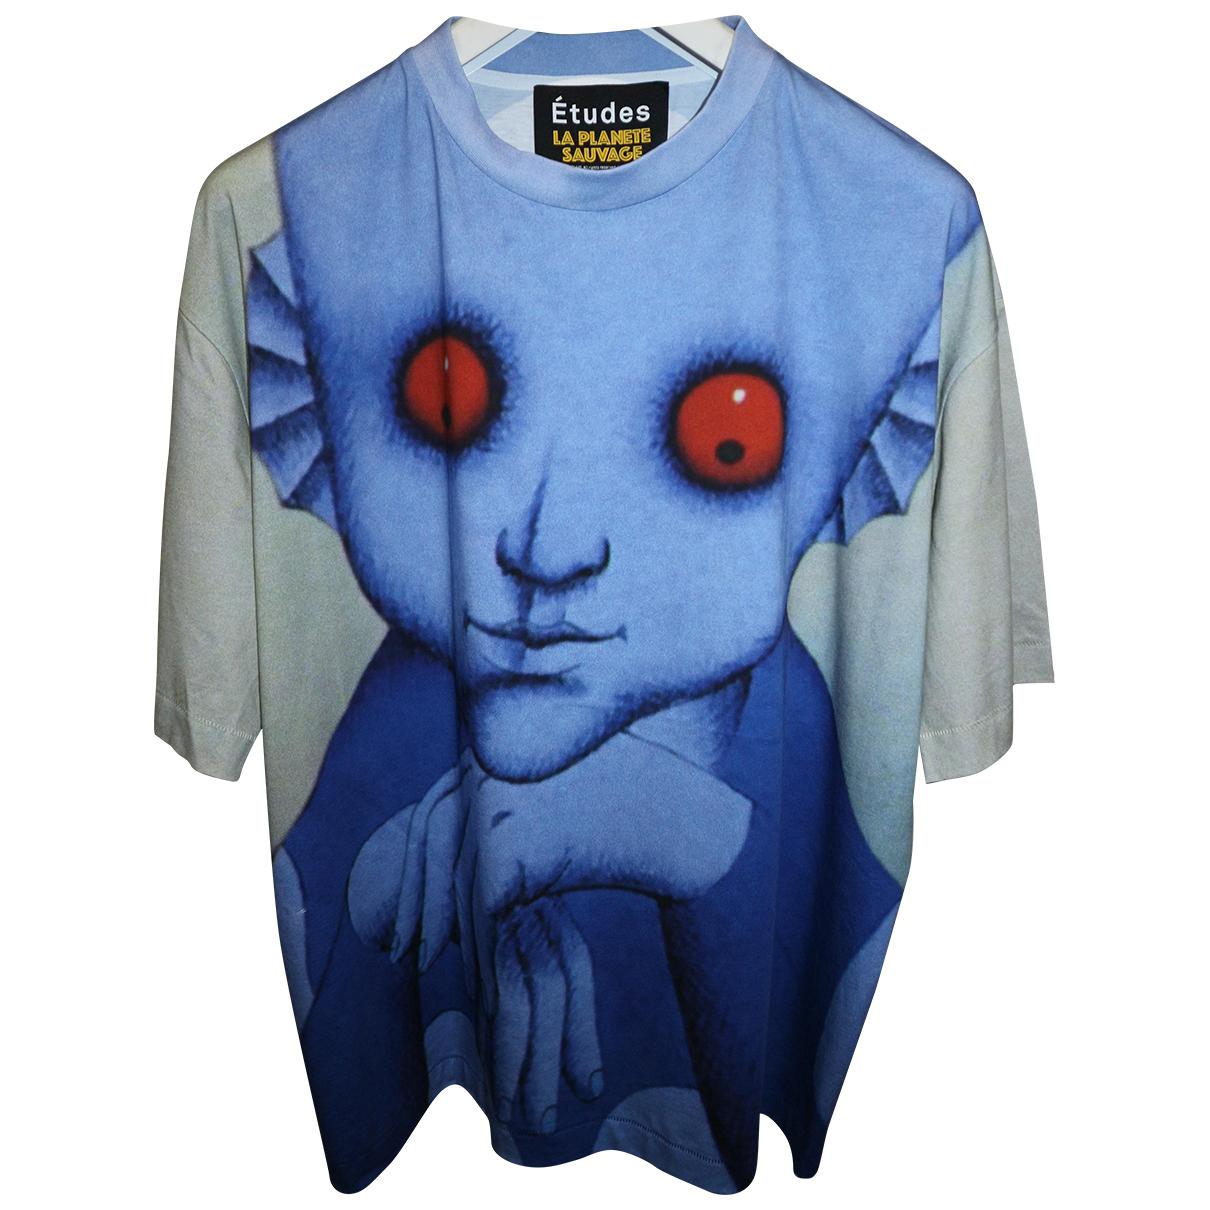 Études Studio N Blue Cotton T-shirts for Men XL International